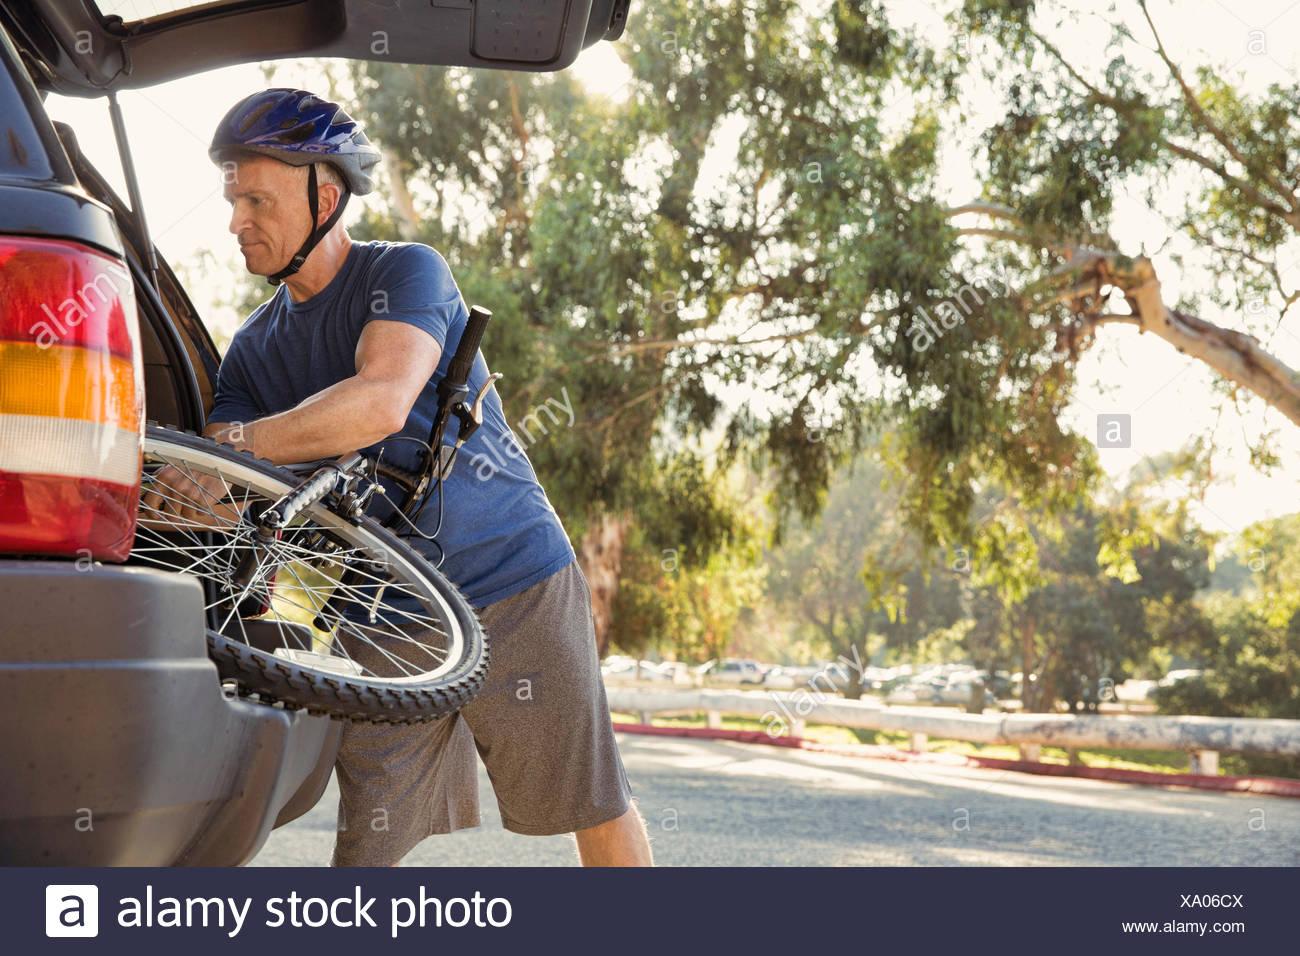 Hombre maduro, extracción de bici en el maletero del coche en el parque Imagen De Stock